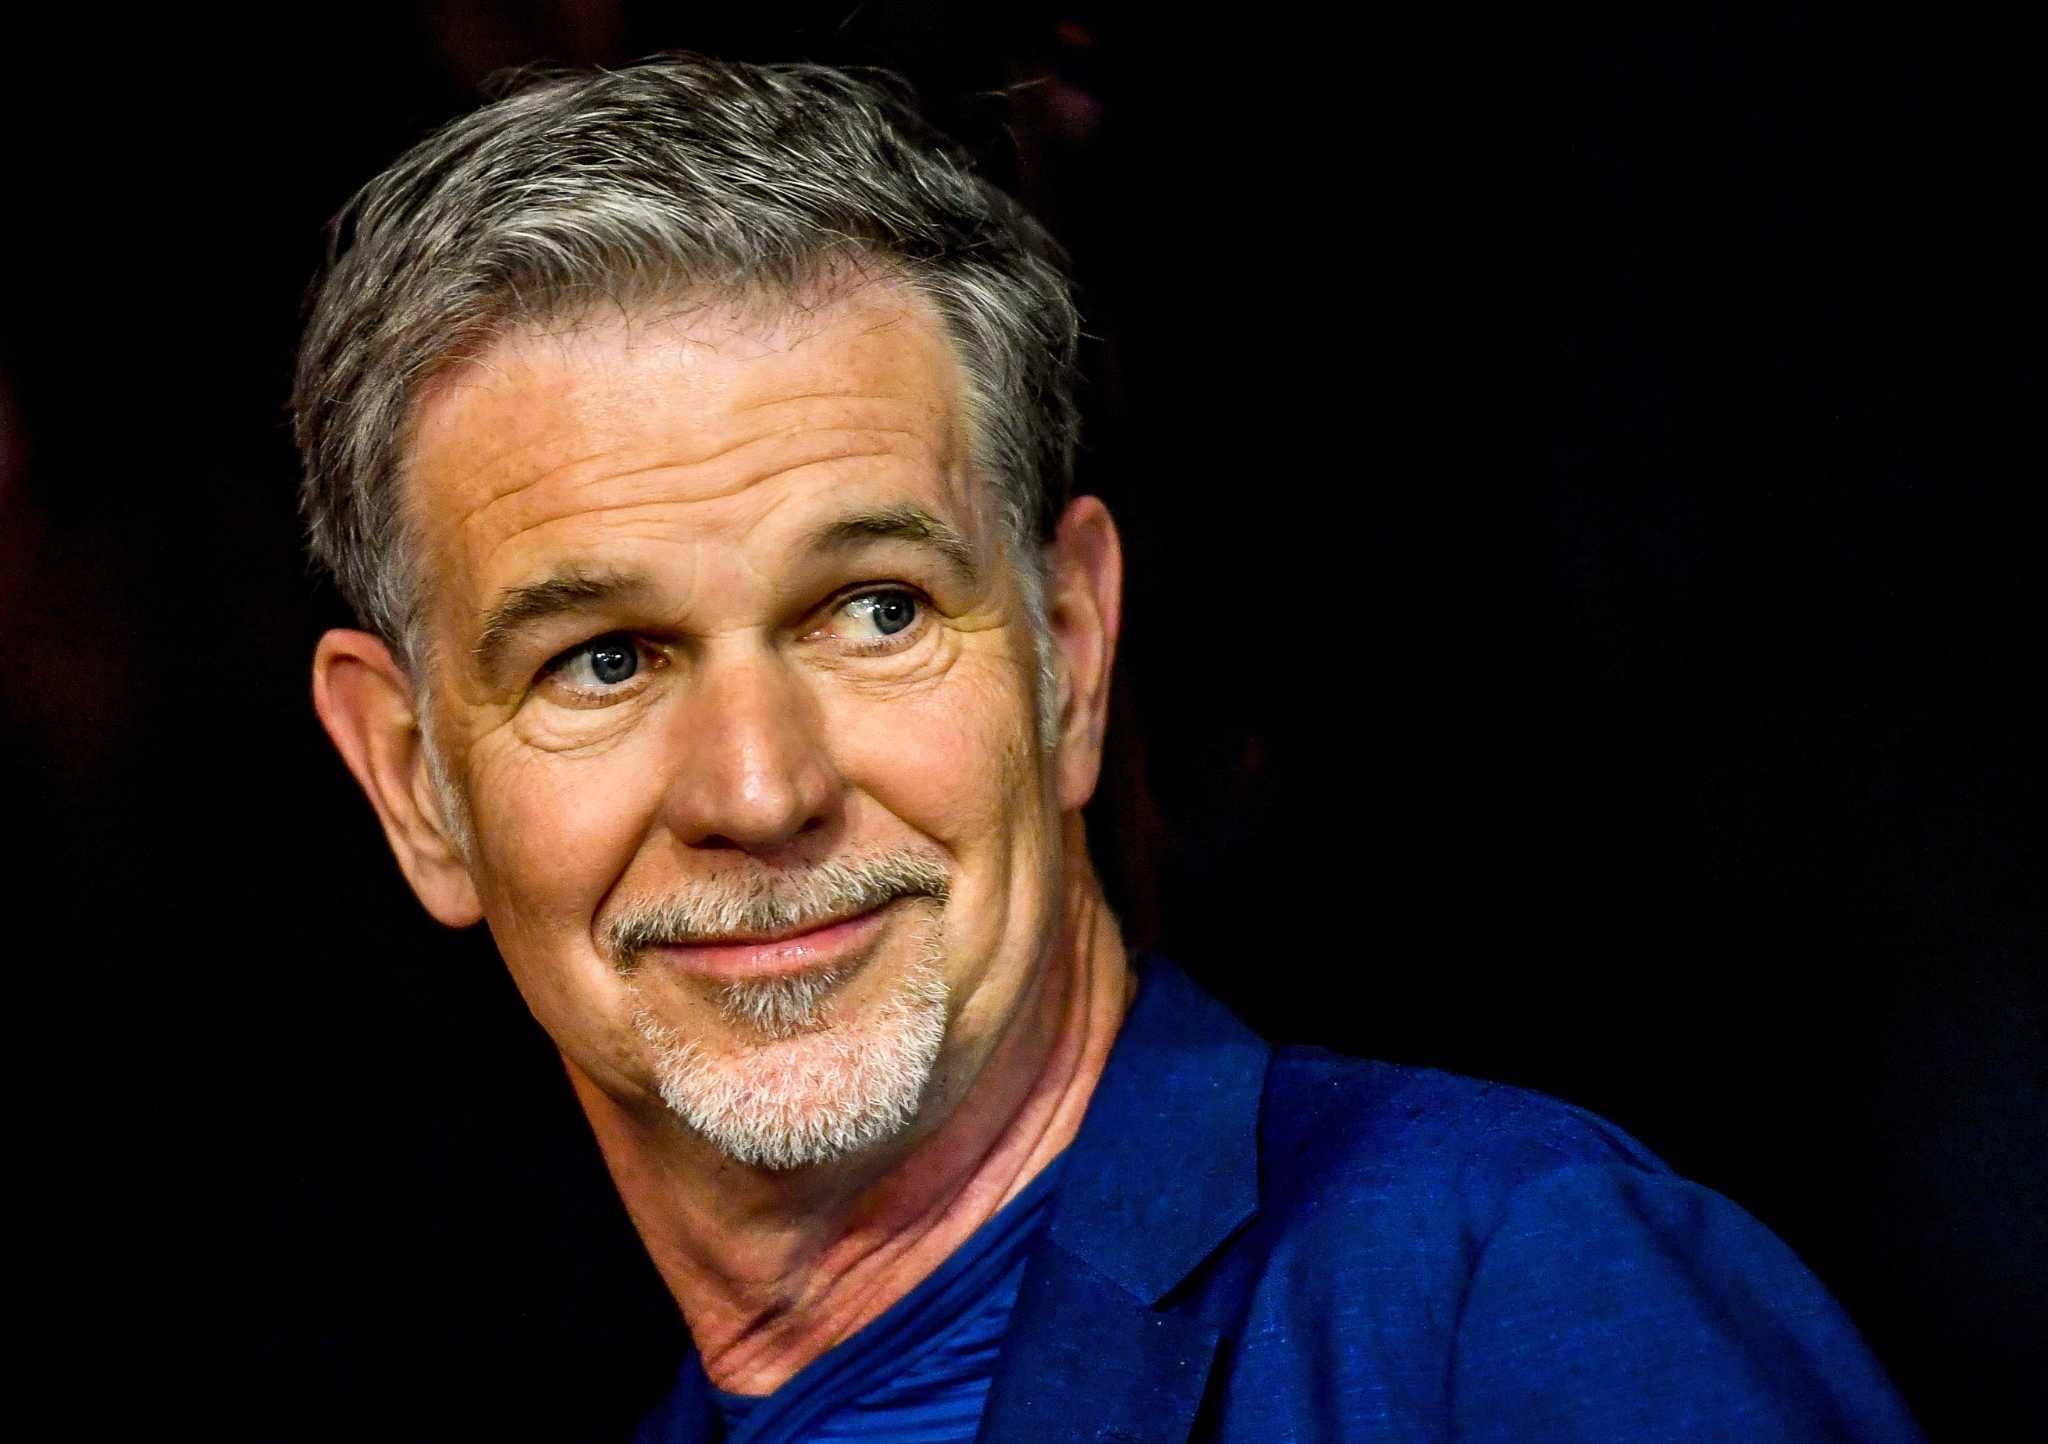 Netflix co-founder to speak at San Antonio rally